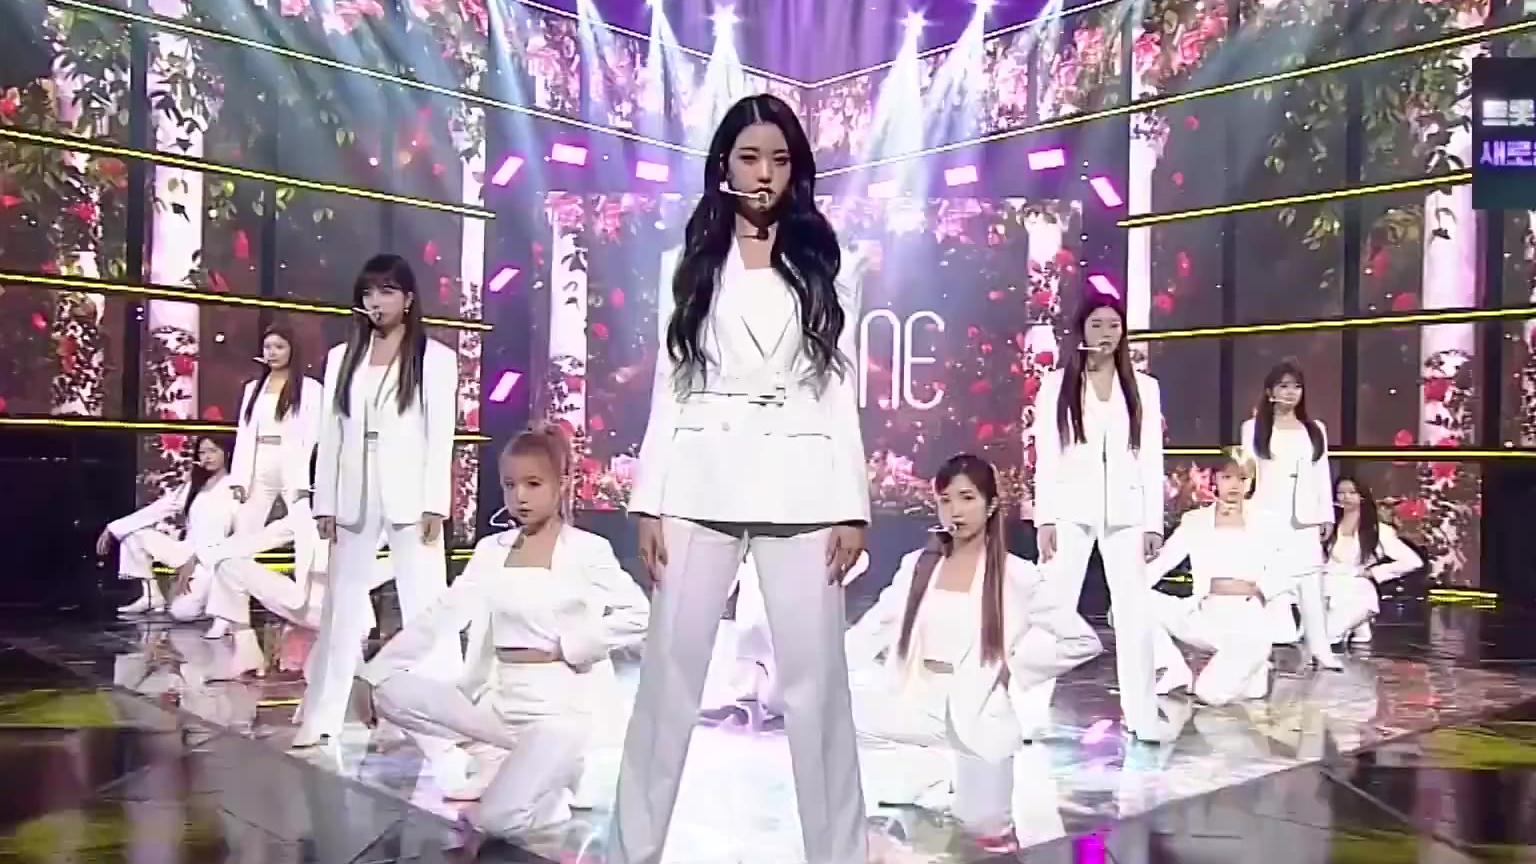 200301 人气歌谣女团表演合集